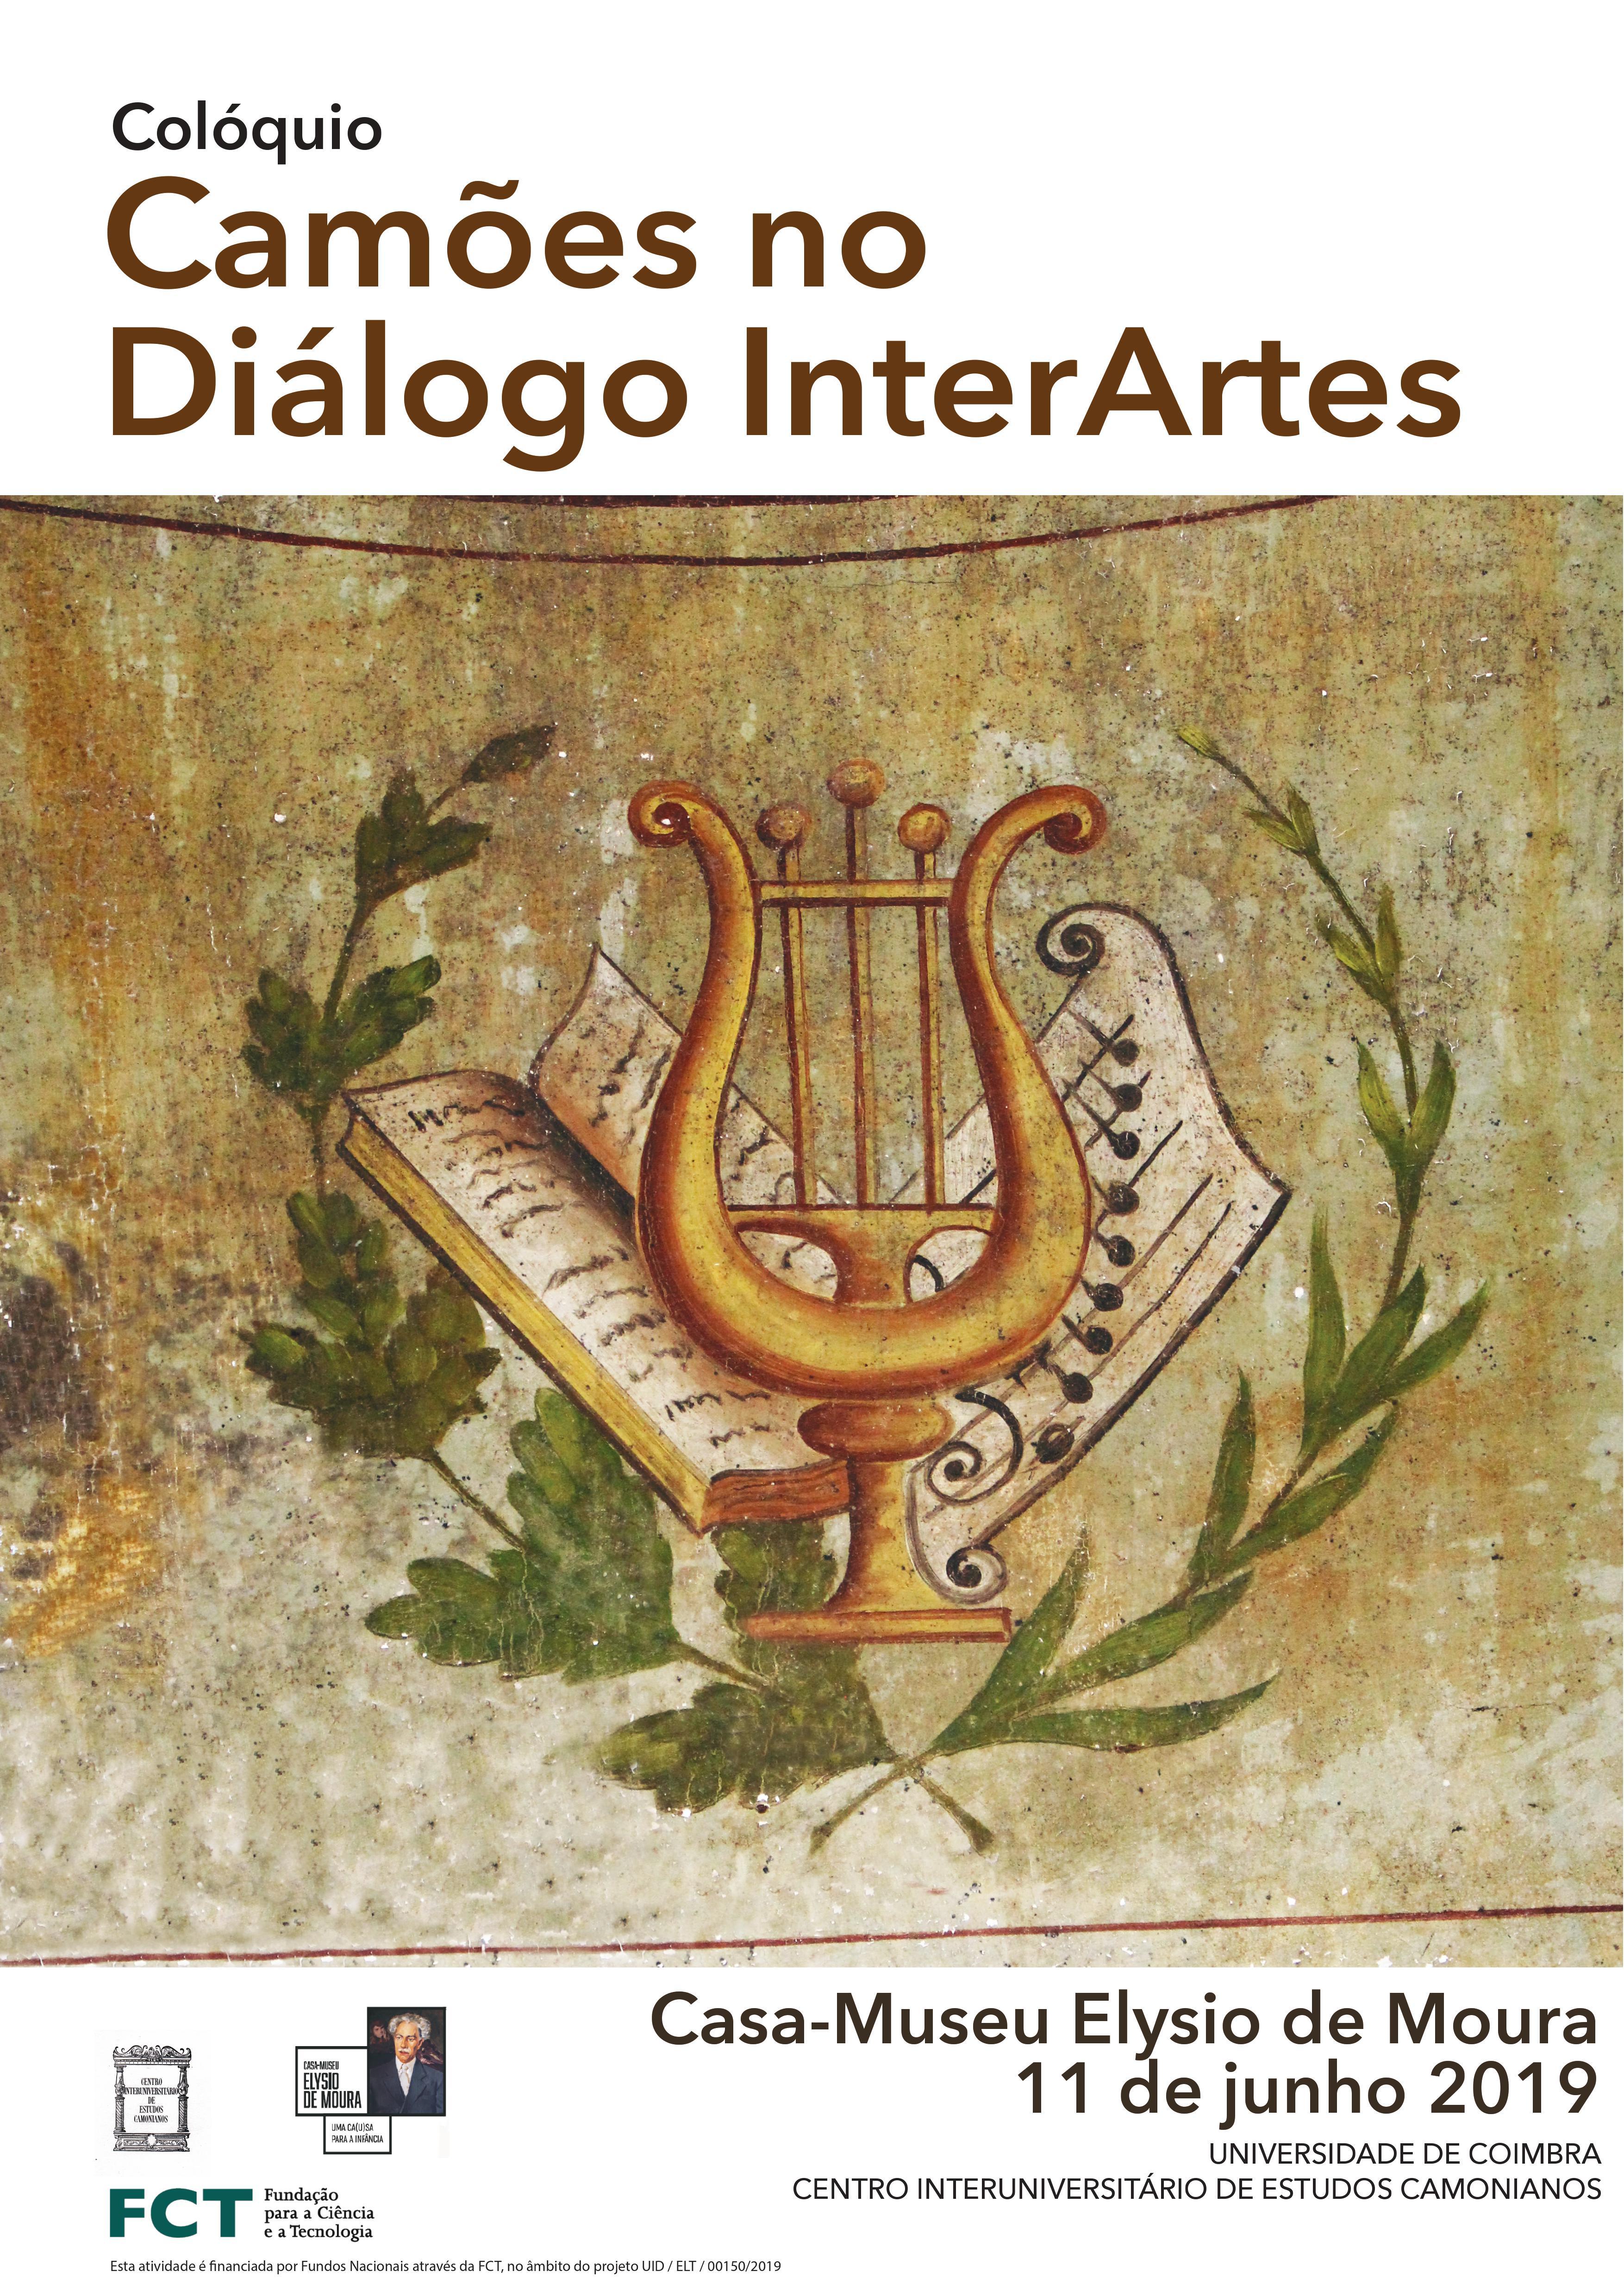 Camões dialogo interartes